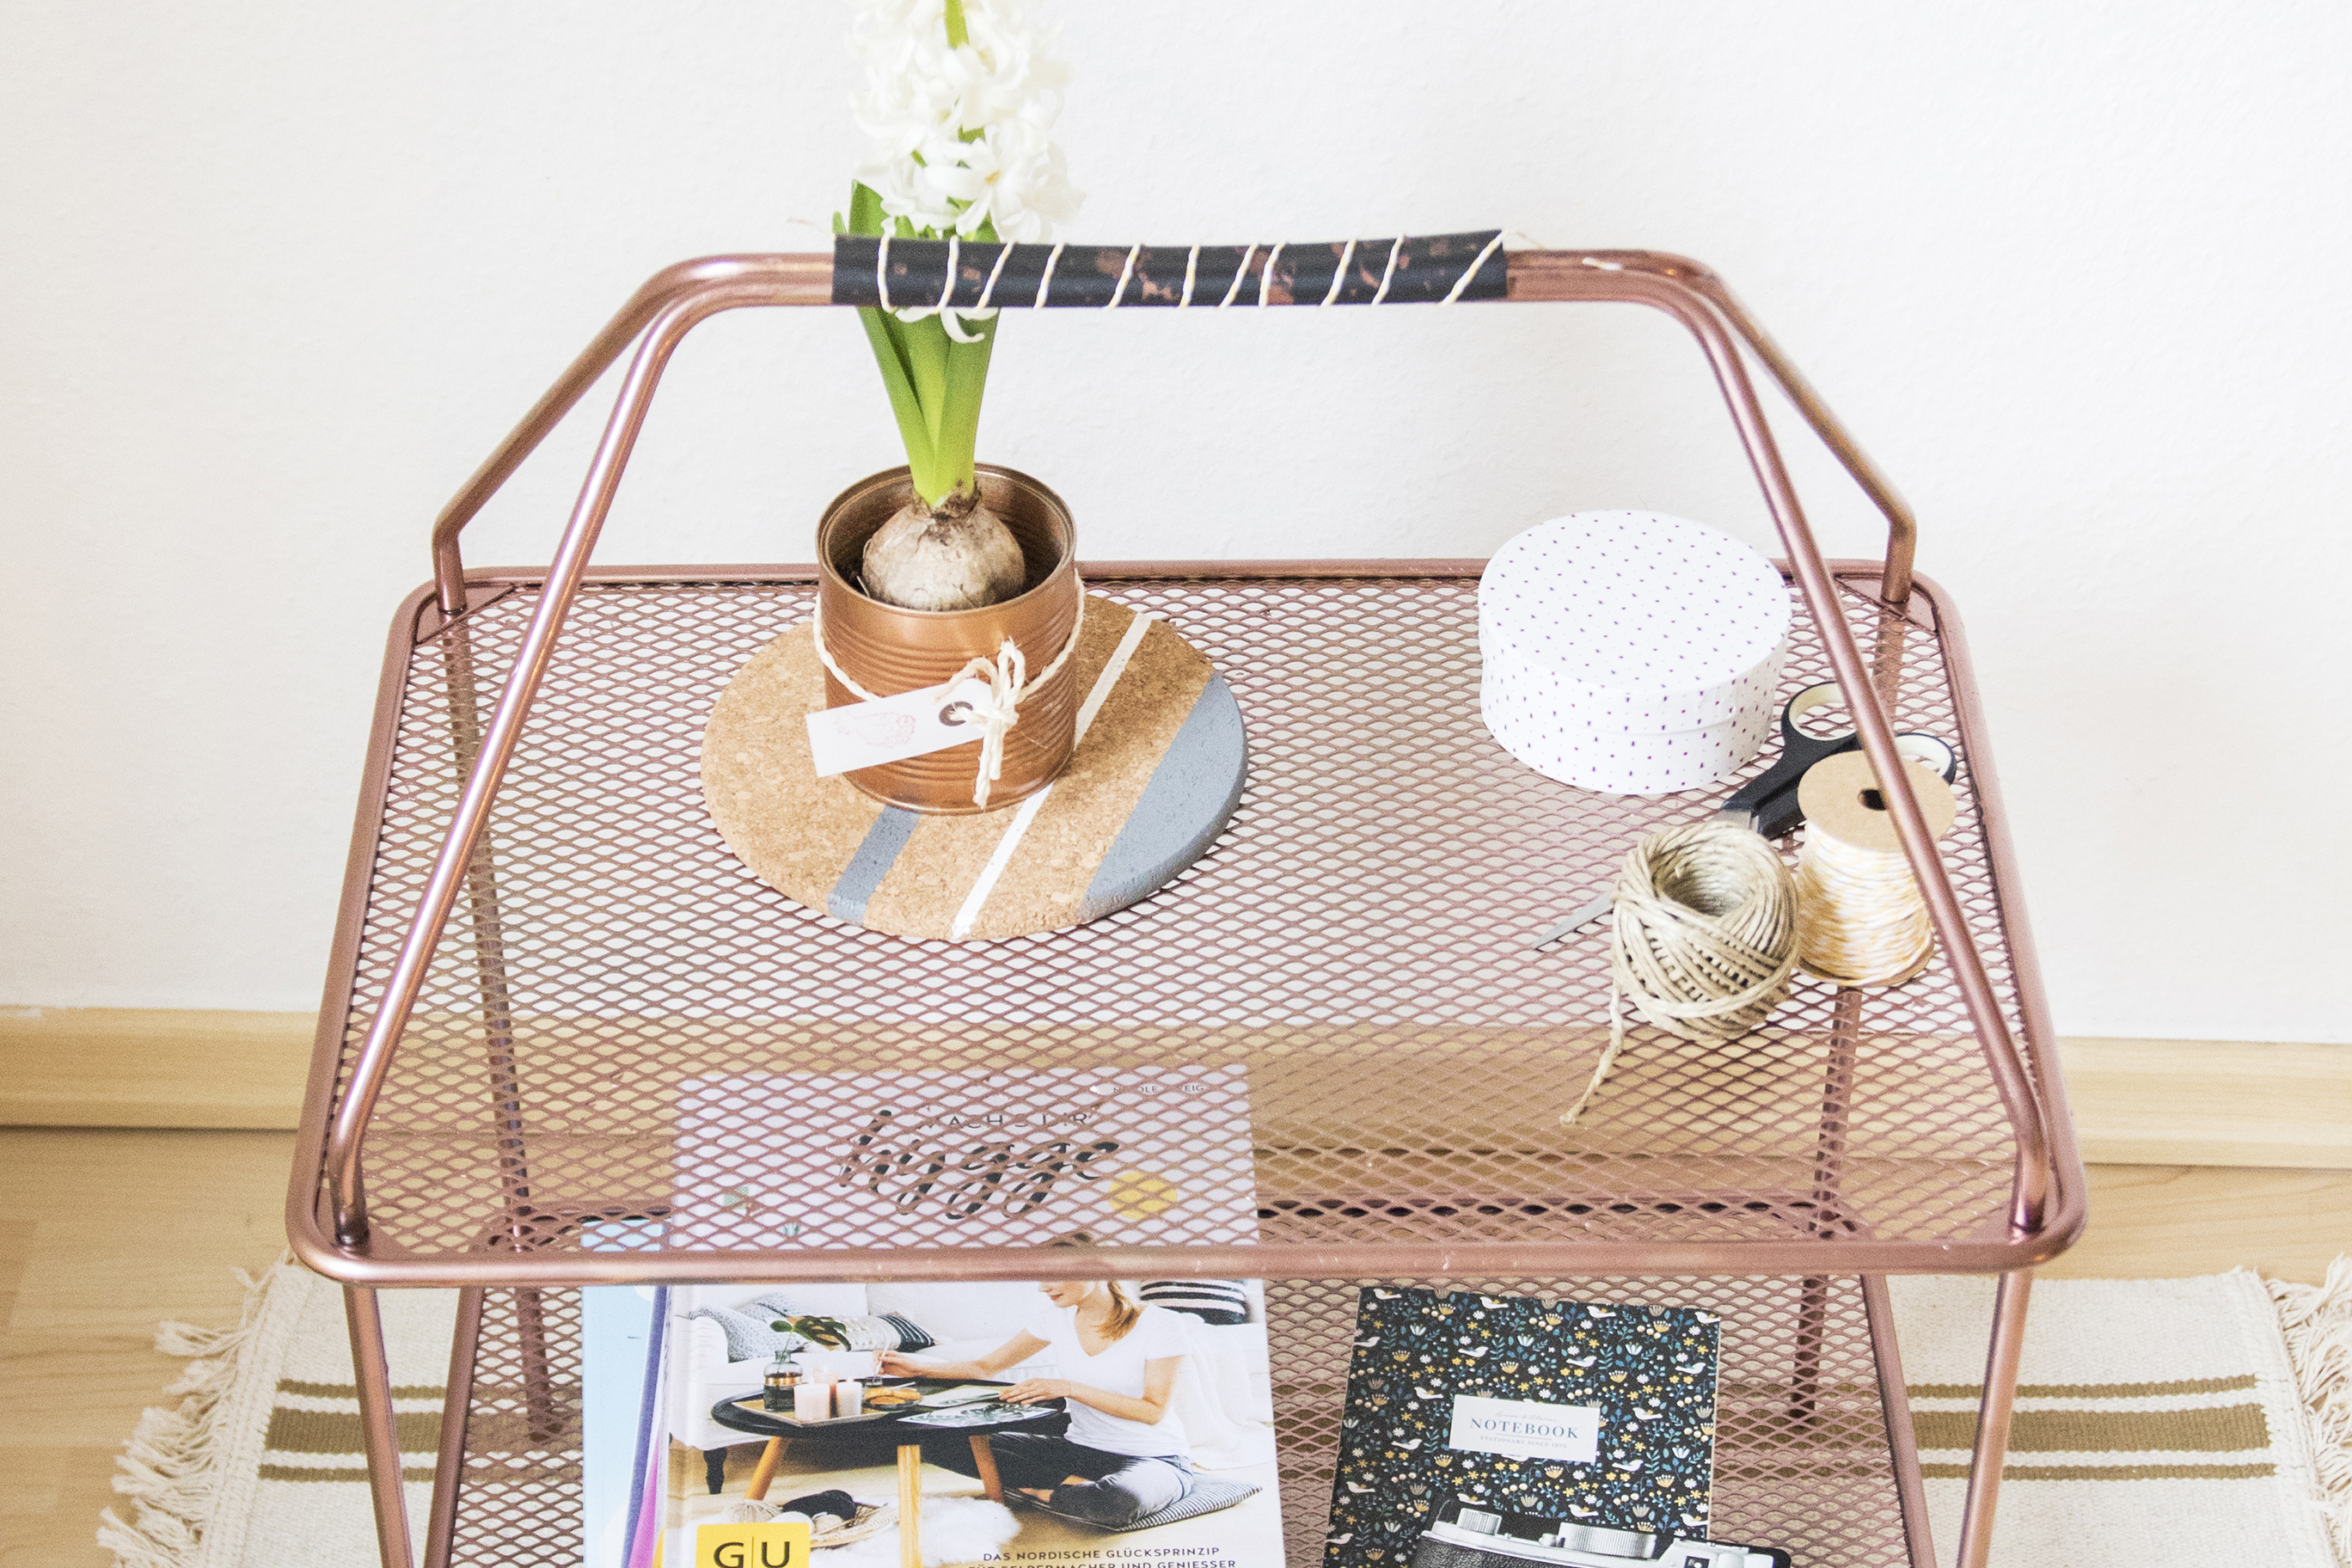 ikea hack zeitschriftenregal ypperlig mit kupferfarbe umgestalten zimmerzucker. Black Bedroom Furniture Sets. Home Design Ideas